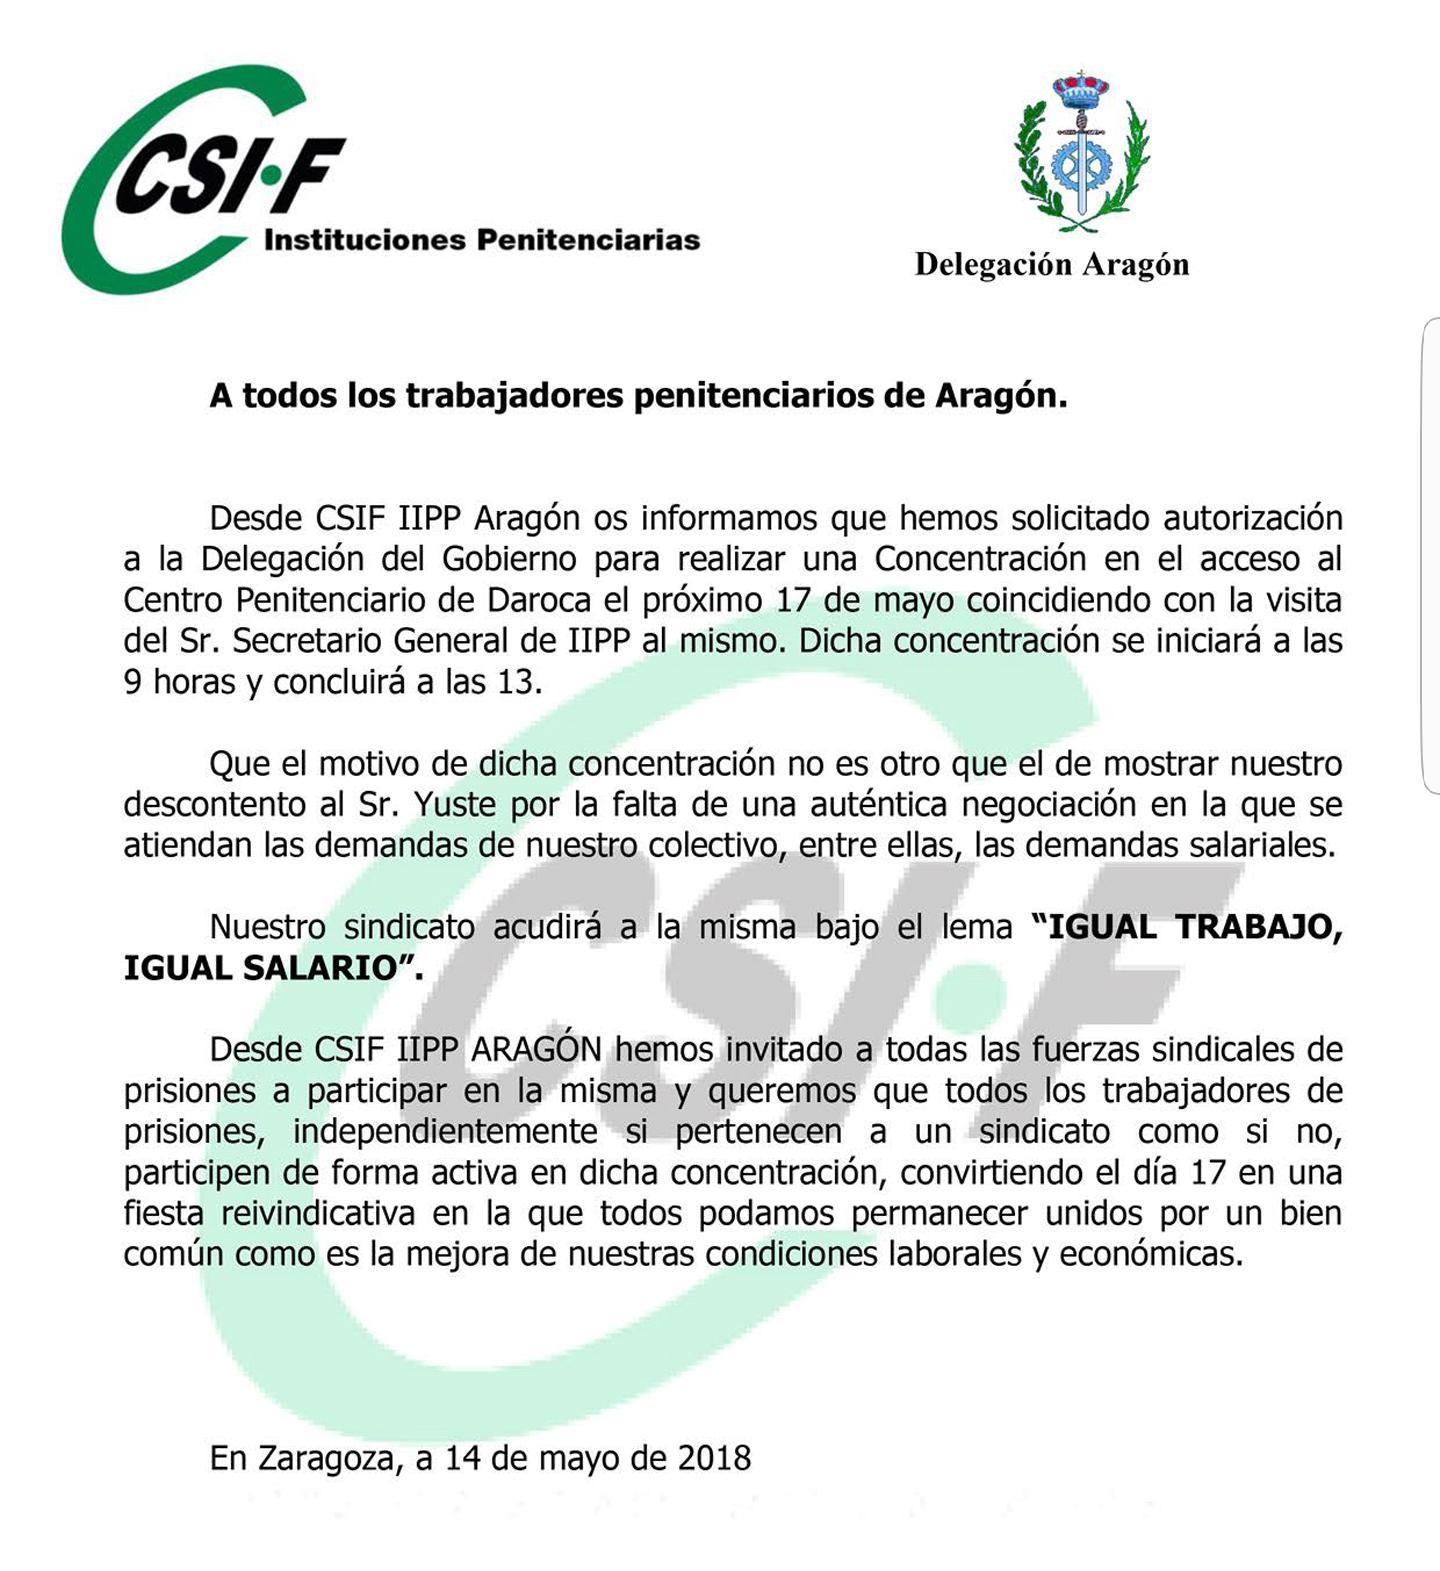 Concentracion CP Daroca